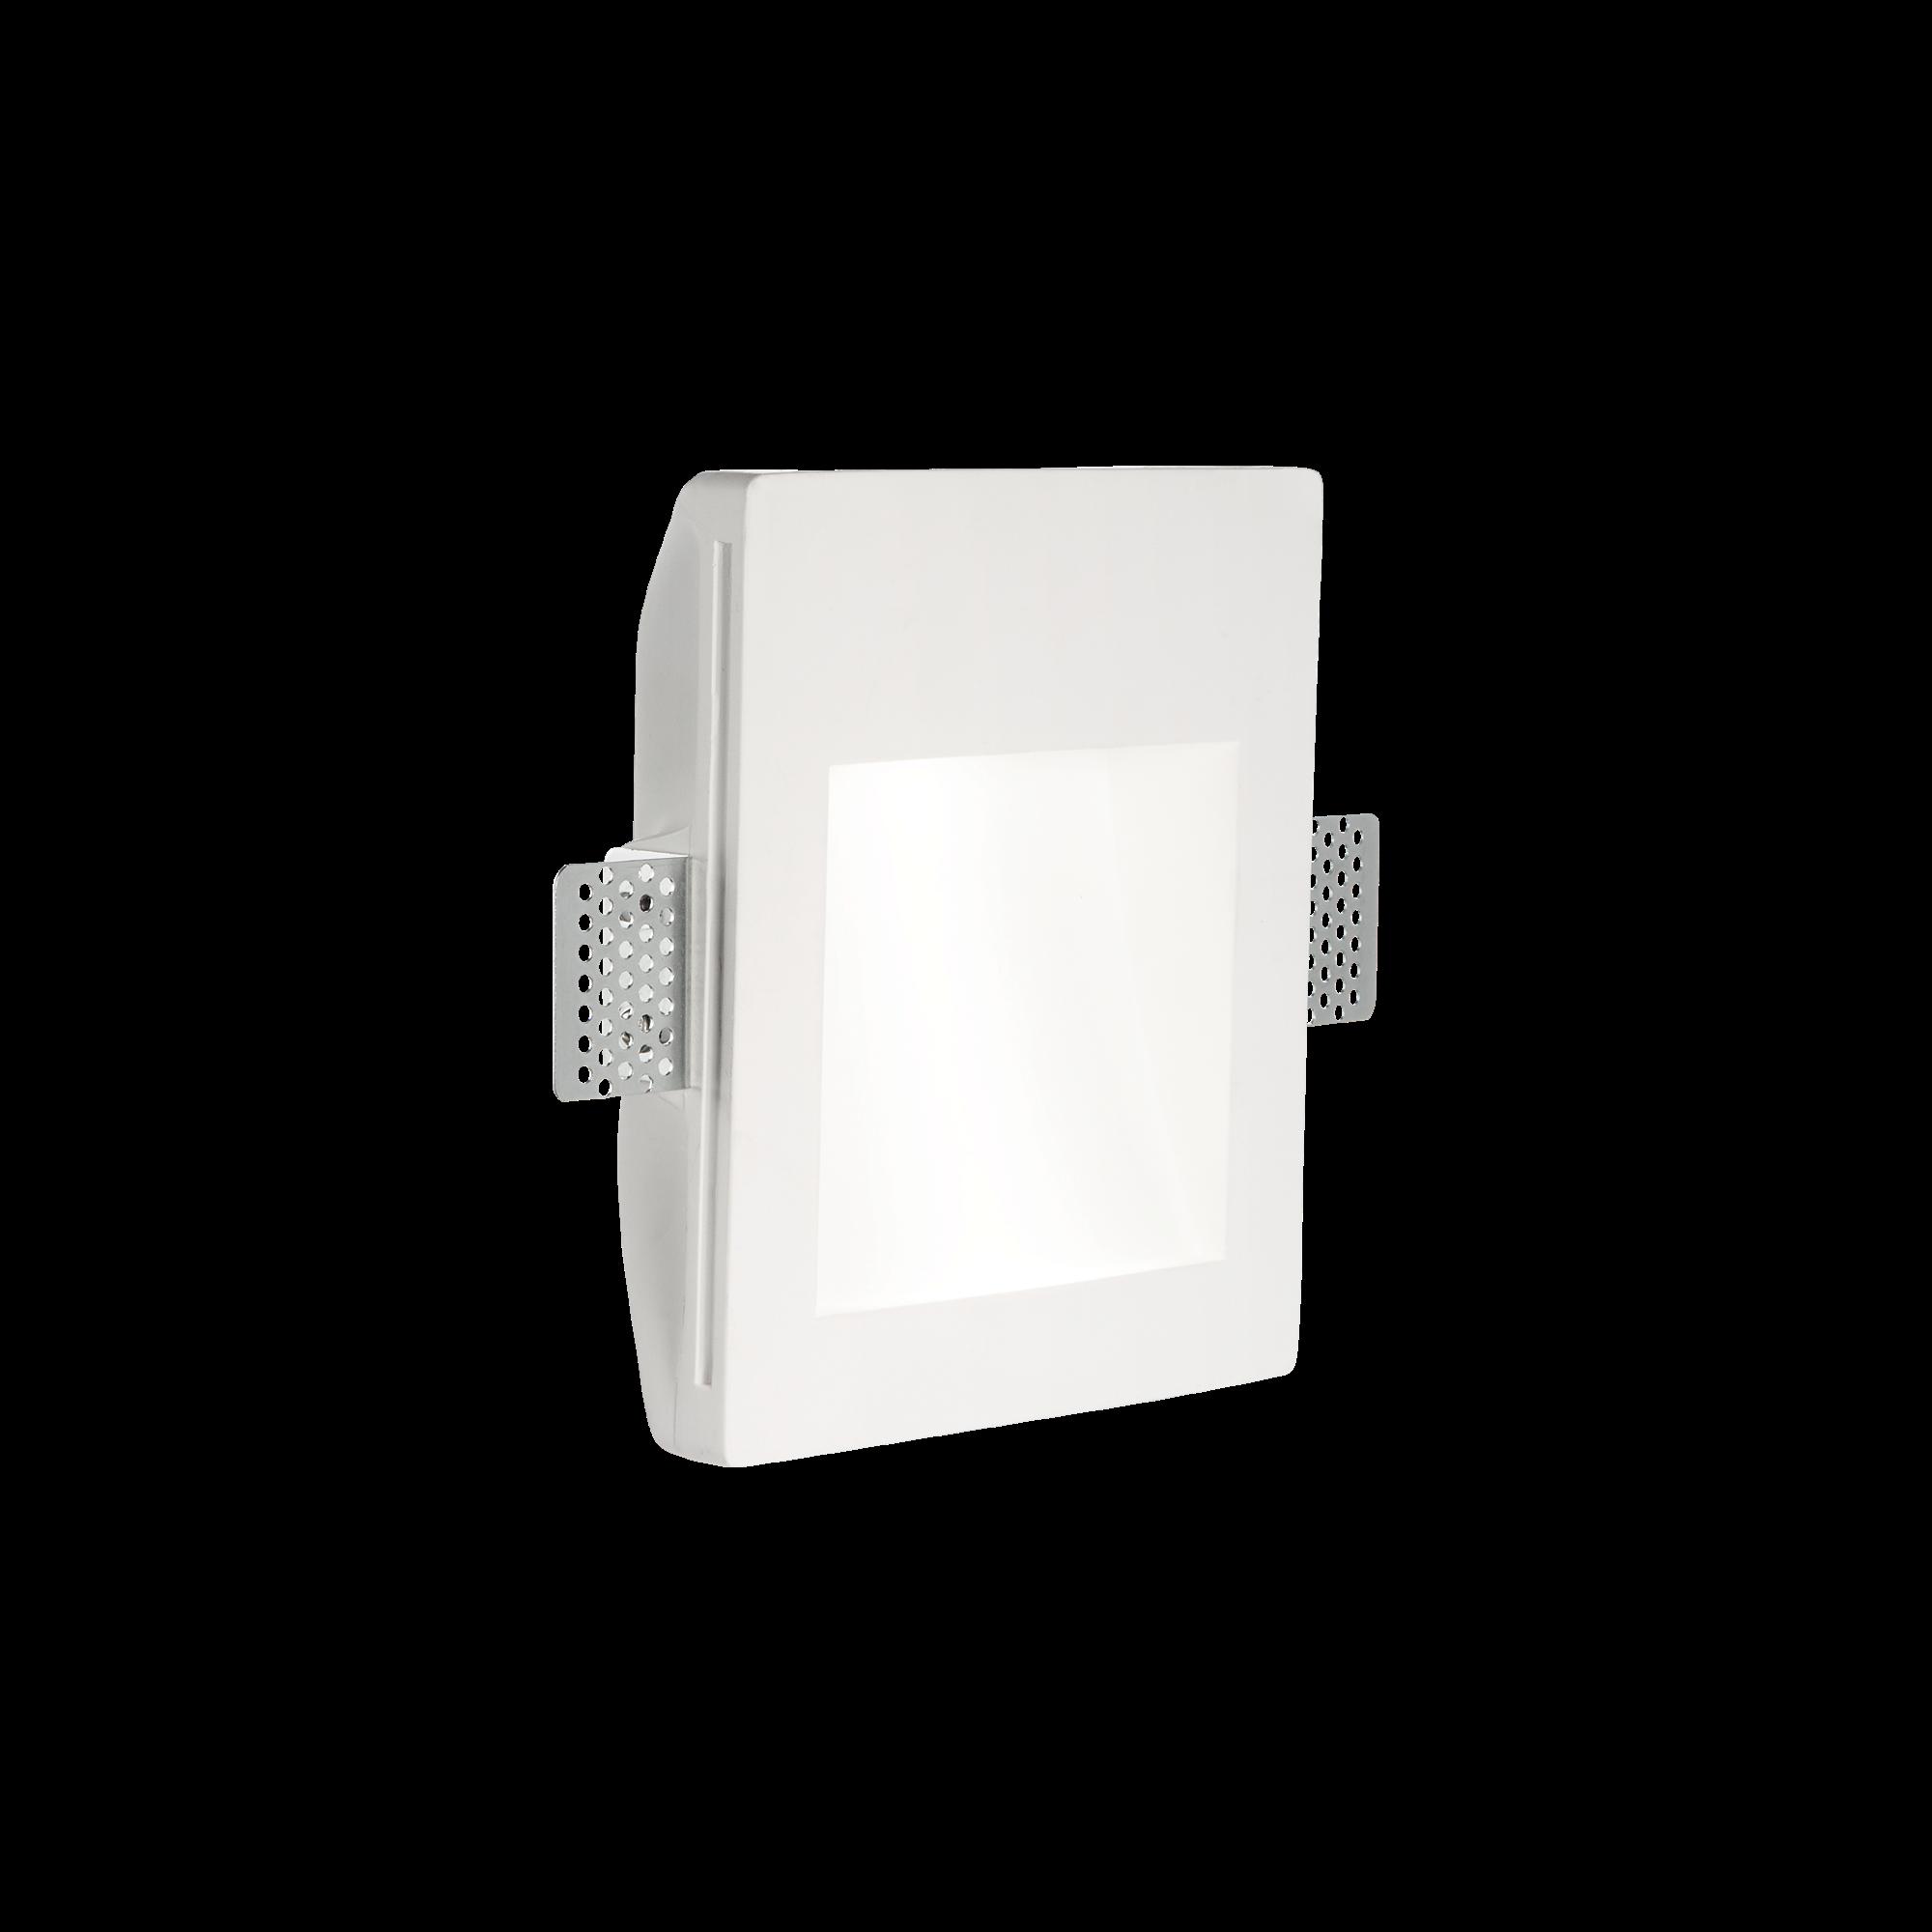 IdealLux 249810 WALKY-1 venkovní zápustné svítidlo 1W 60lm 3000K IP20 bílá